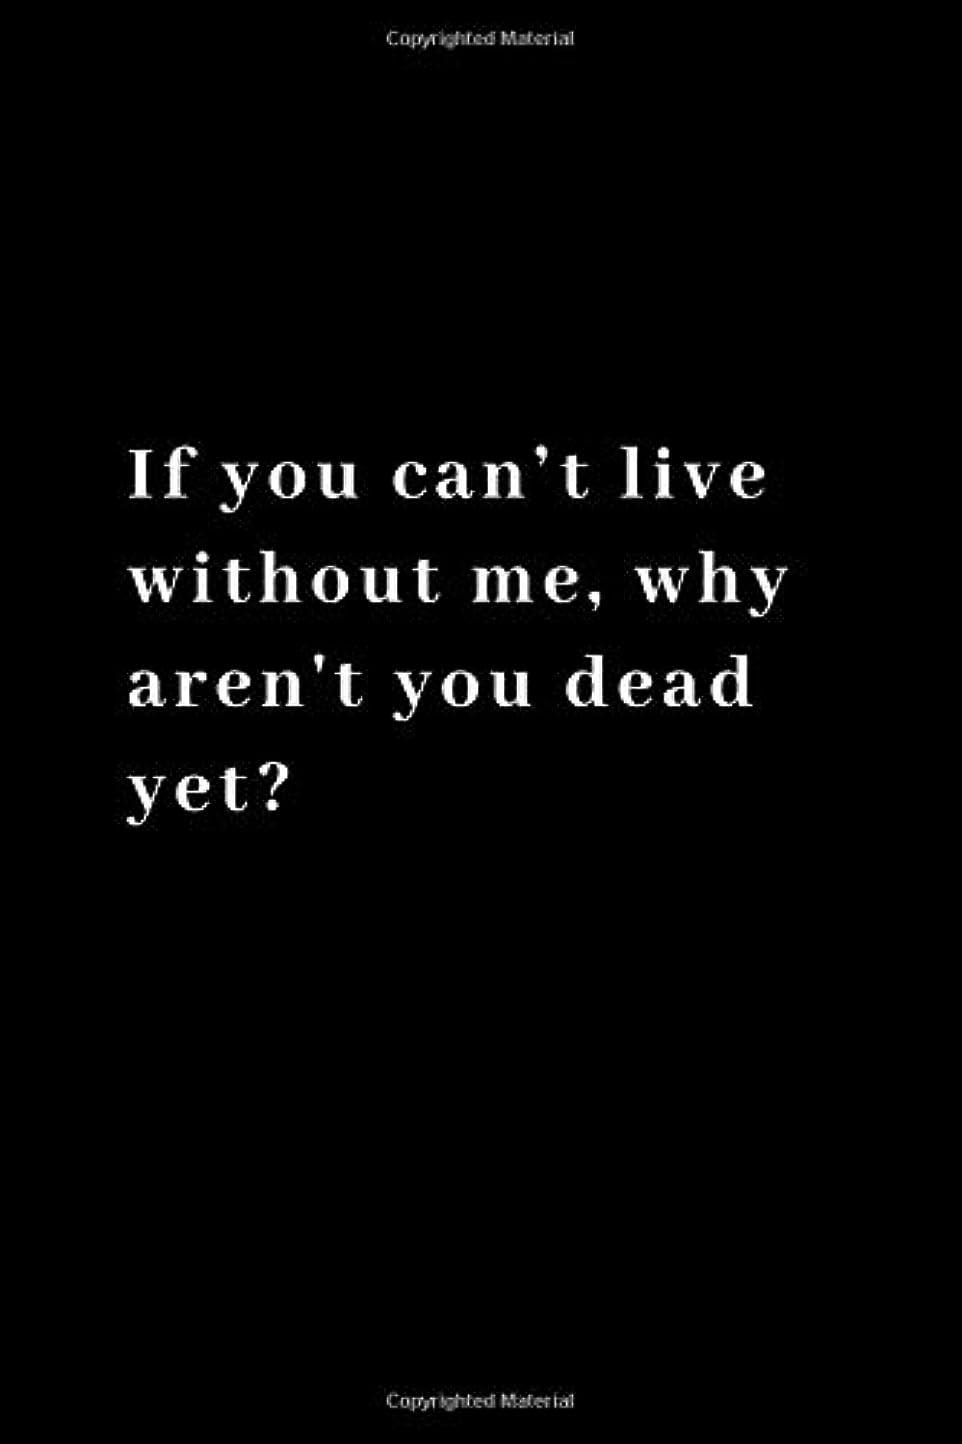 トレース似ている雪だるまIf you can't live without me, why aren't you dead yet?: Funny Notebook, Journal, Diary, Joke, Office 110 pages 6